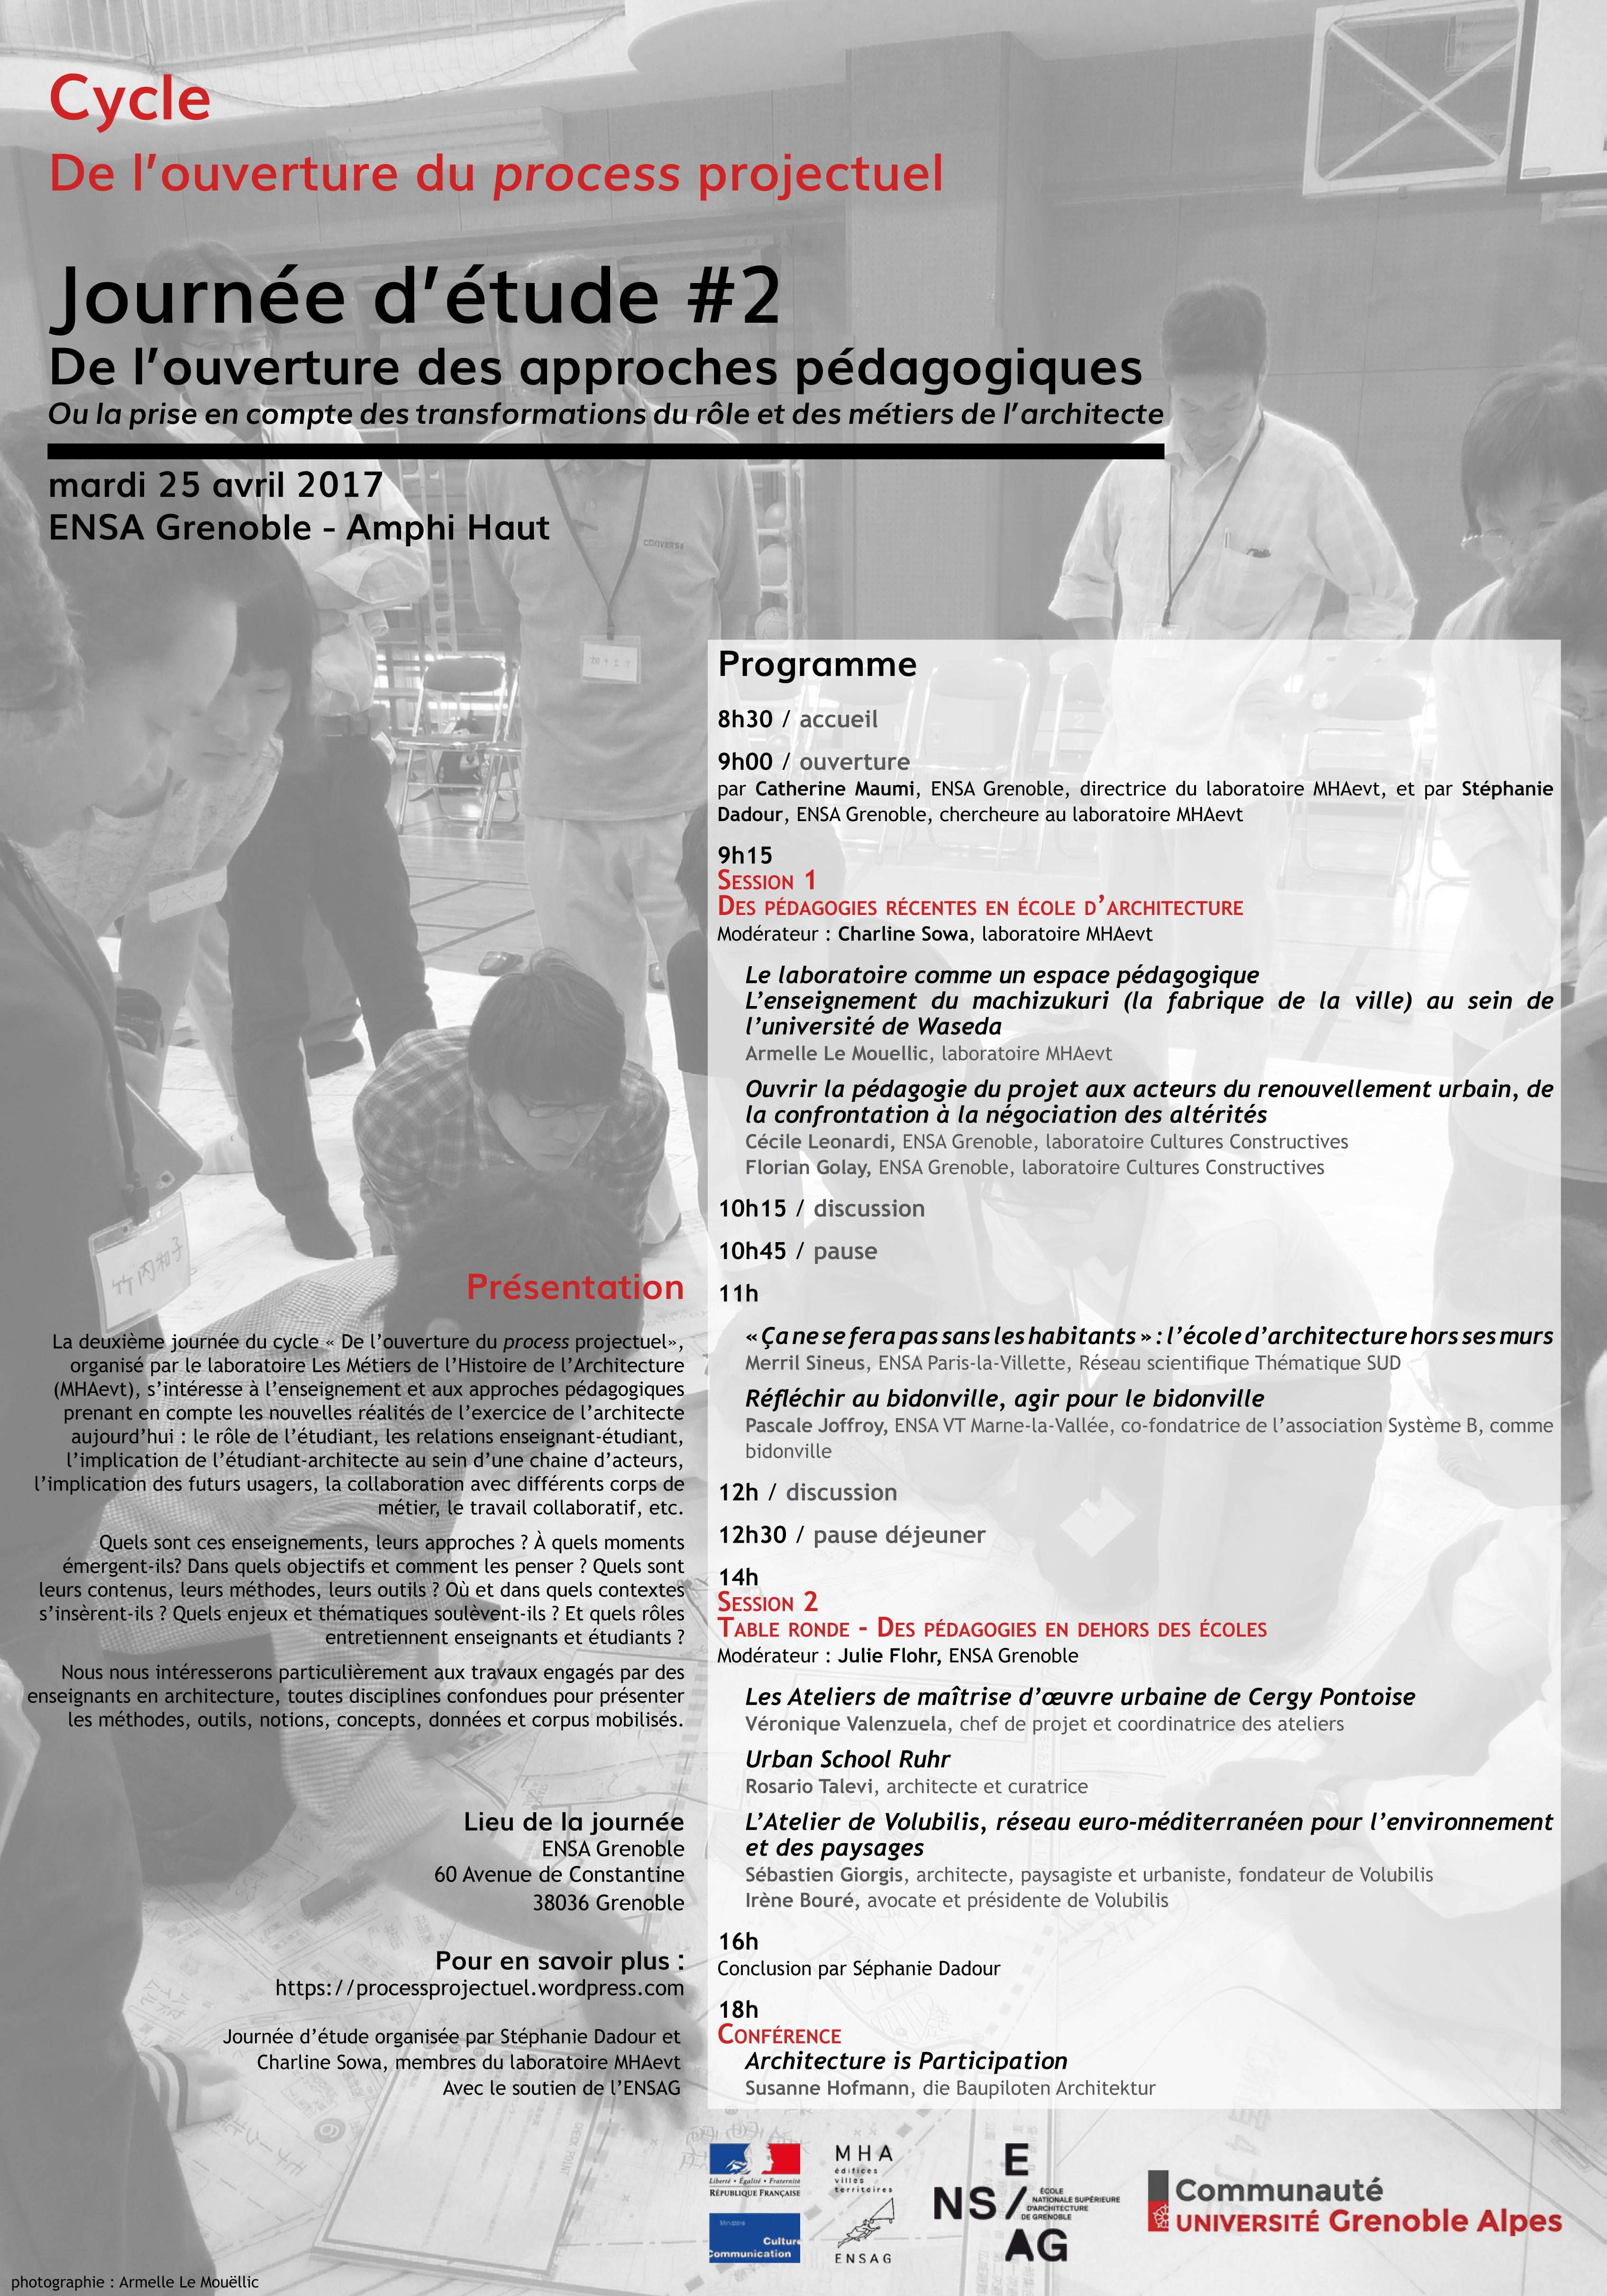 """Programme journée d'études """"De l'ouverture des aooroches pédagogiques"""""""